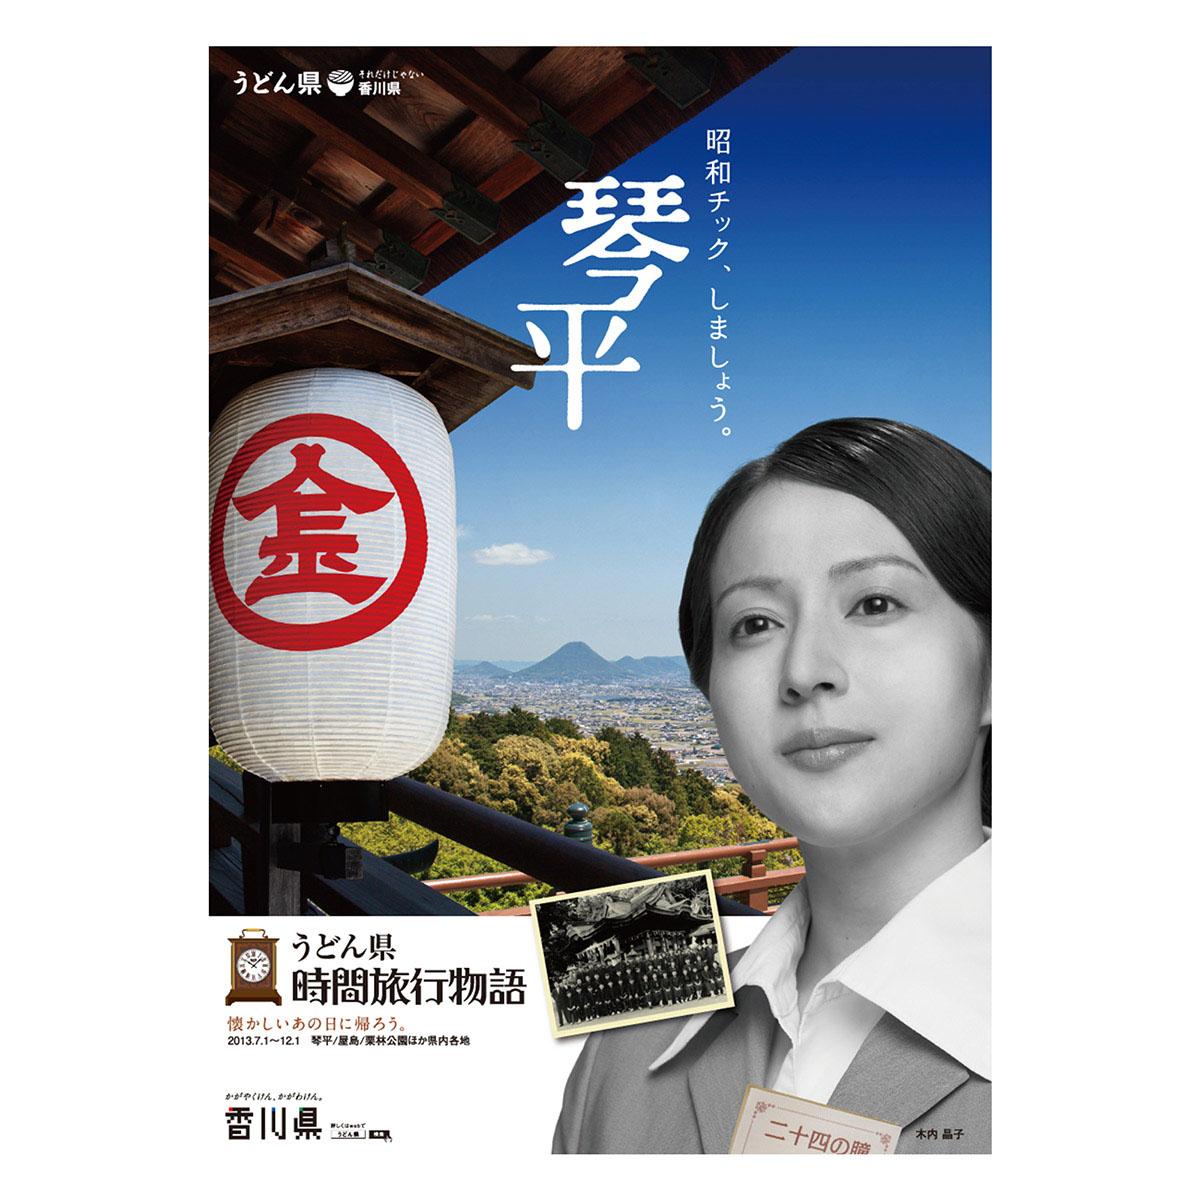 うどん県 時間旅行物語 ポスター